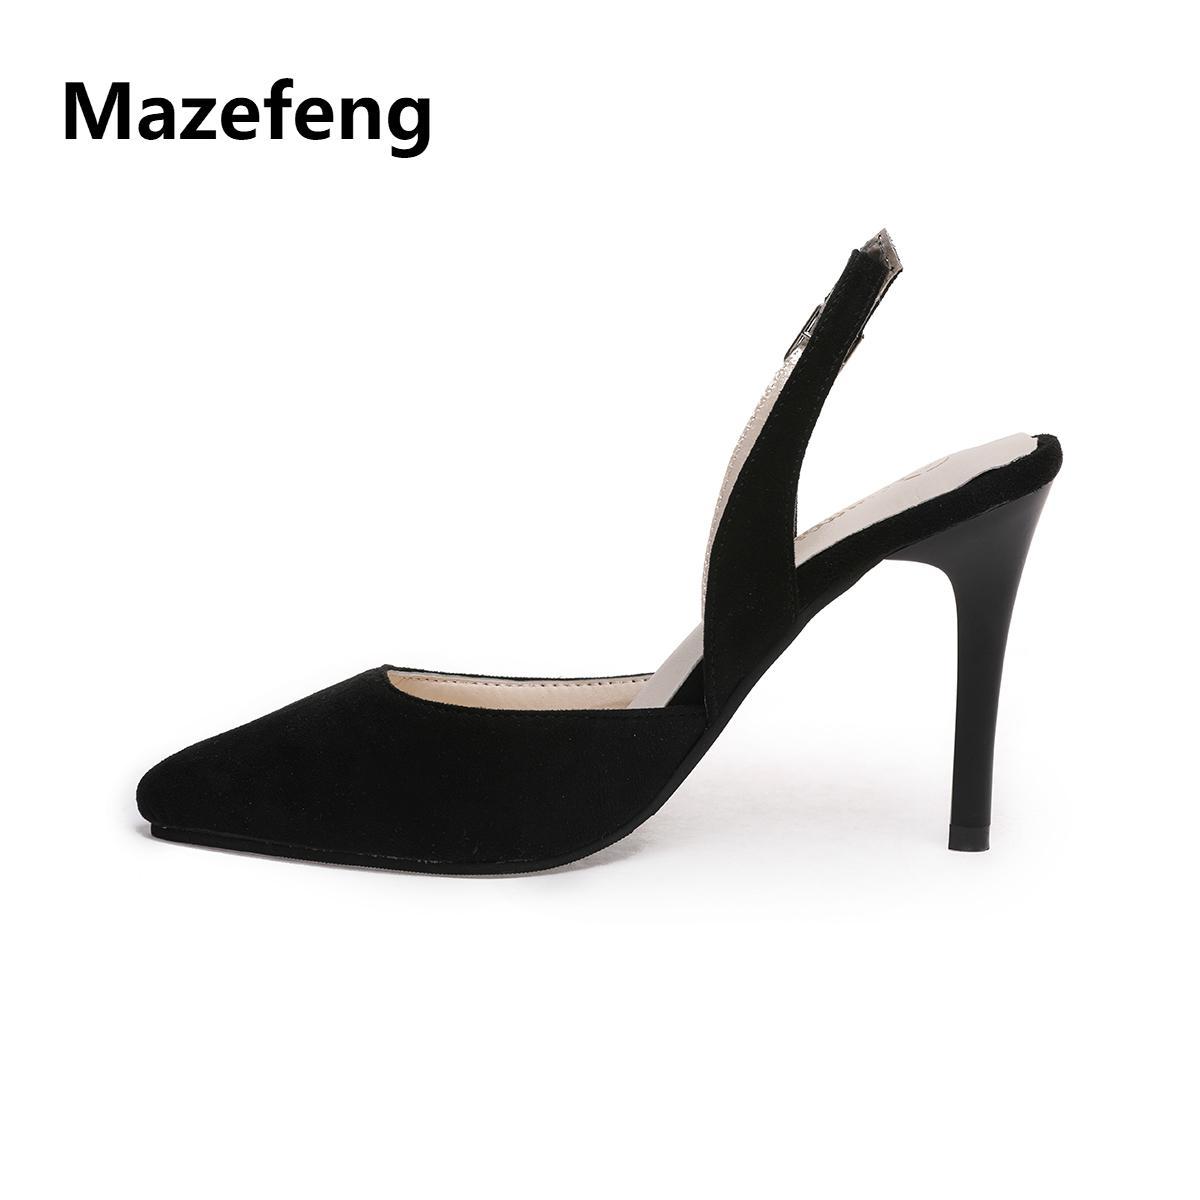 Mazefeng Sommer Schuhe Großhandel Klassische 2019 Damen Pumps f76gyvIYb